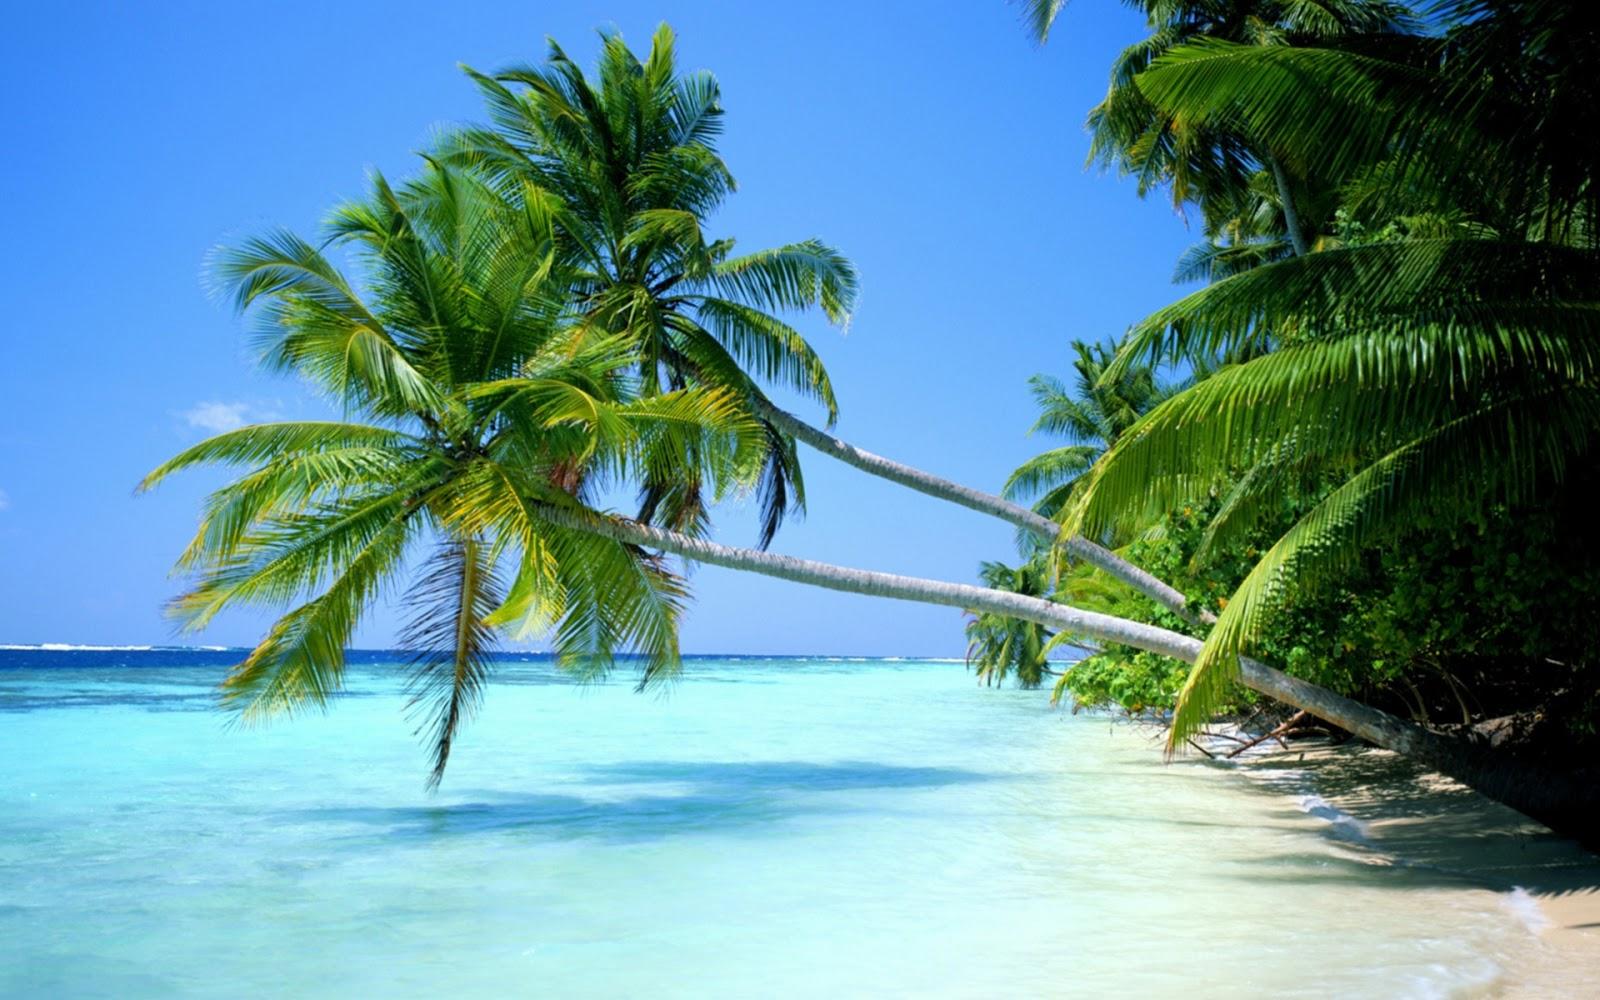 Desktop Wallpapers Nature - Tropical Beach Desktop - HD Wallpaper